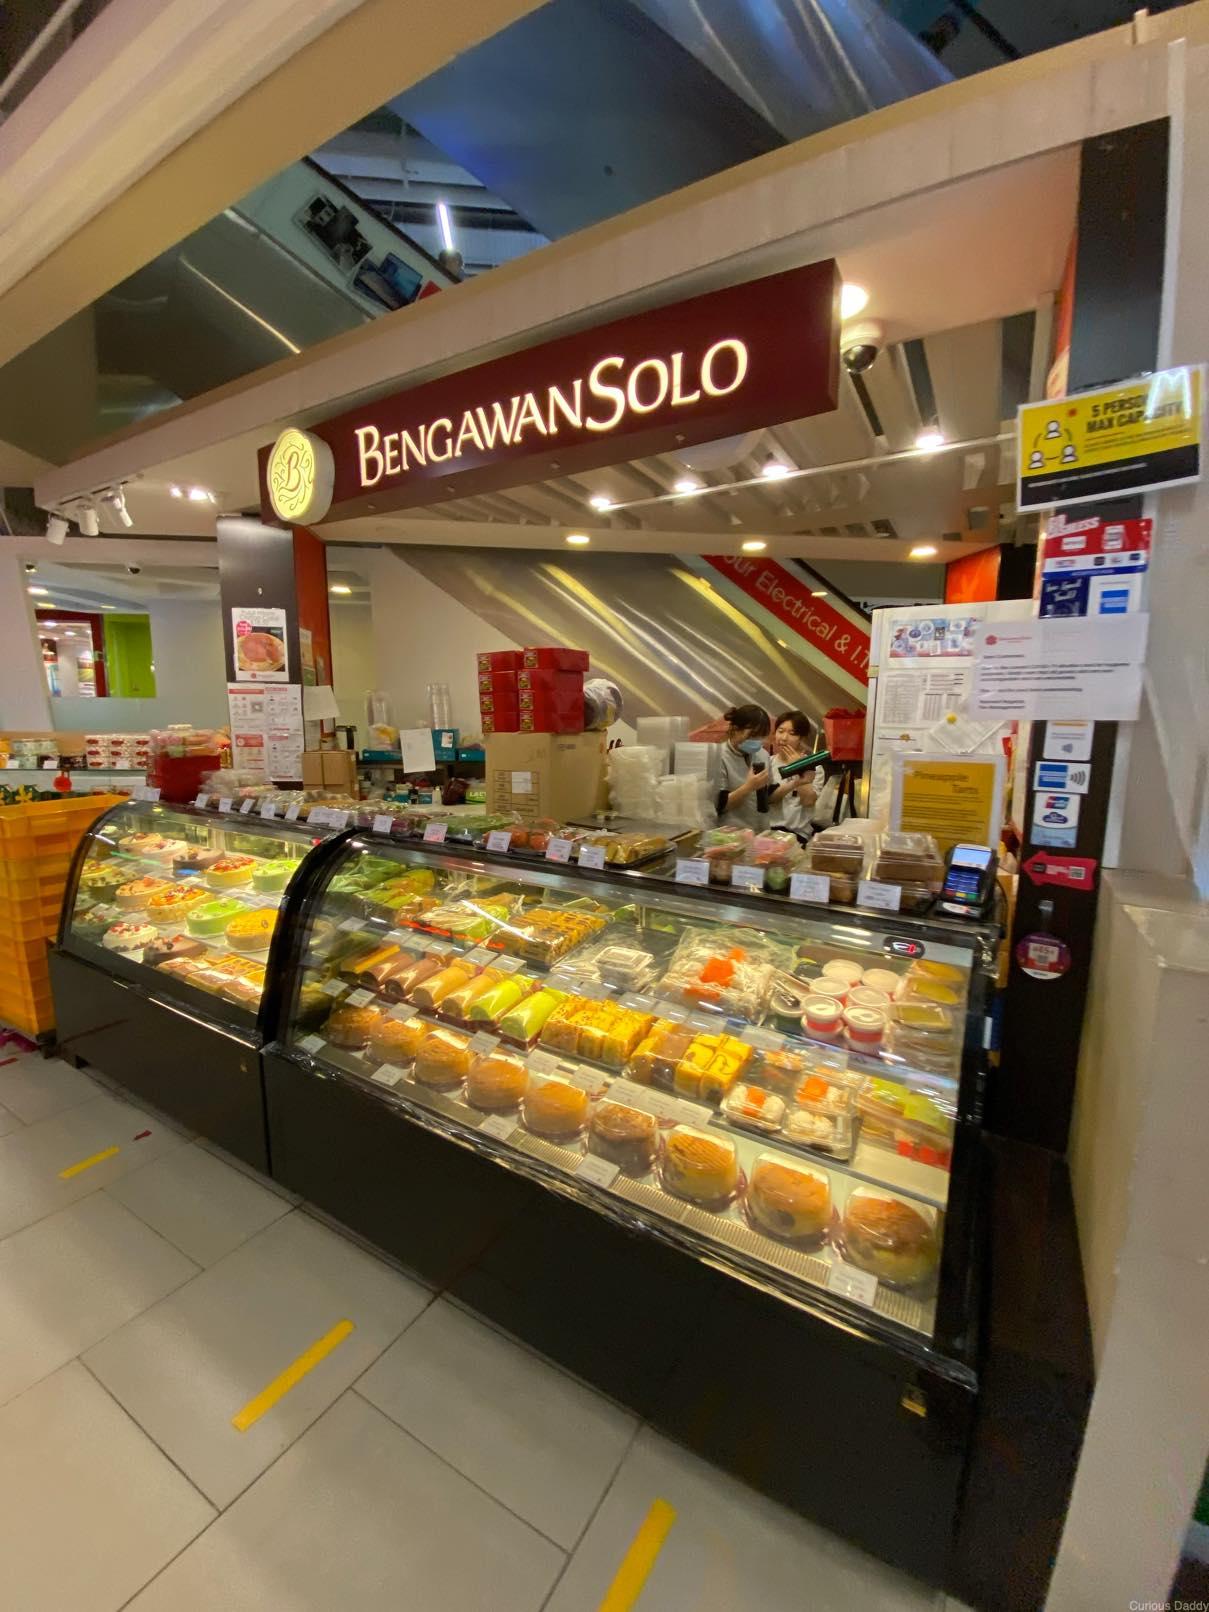 seletar mall Bengawansolo